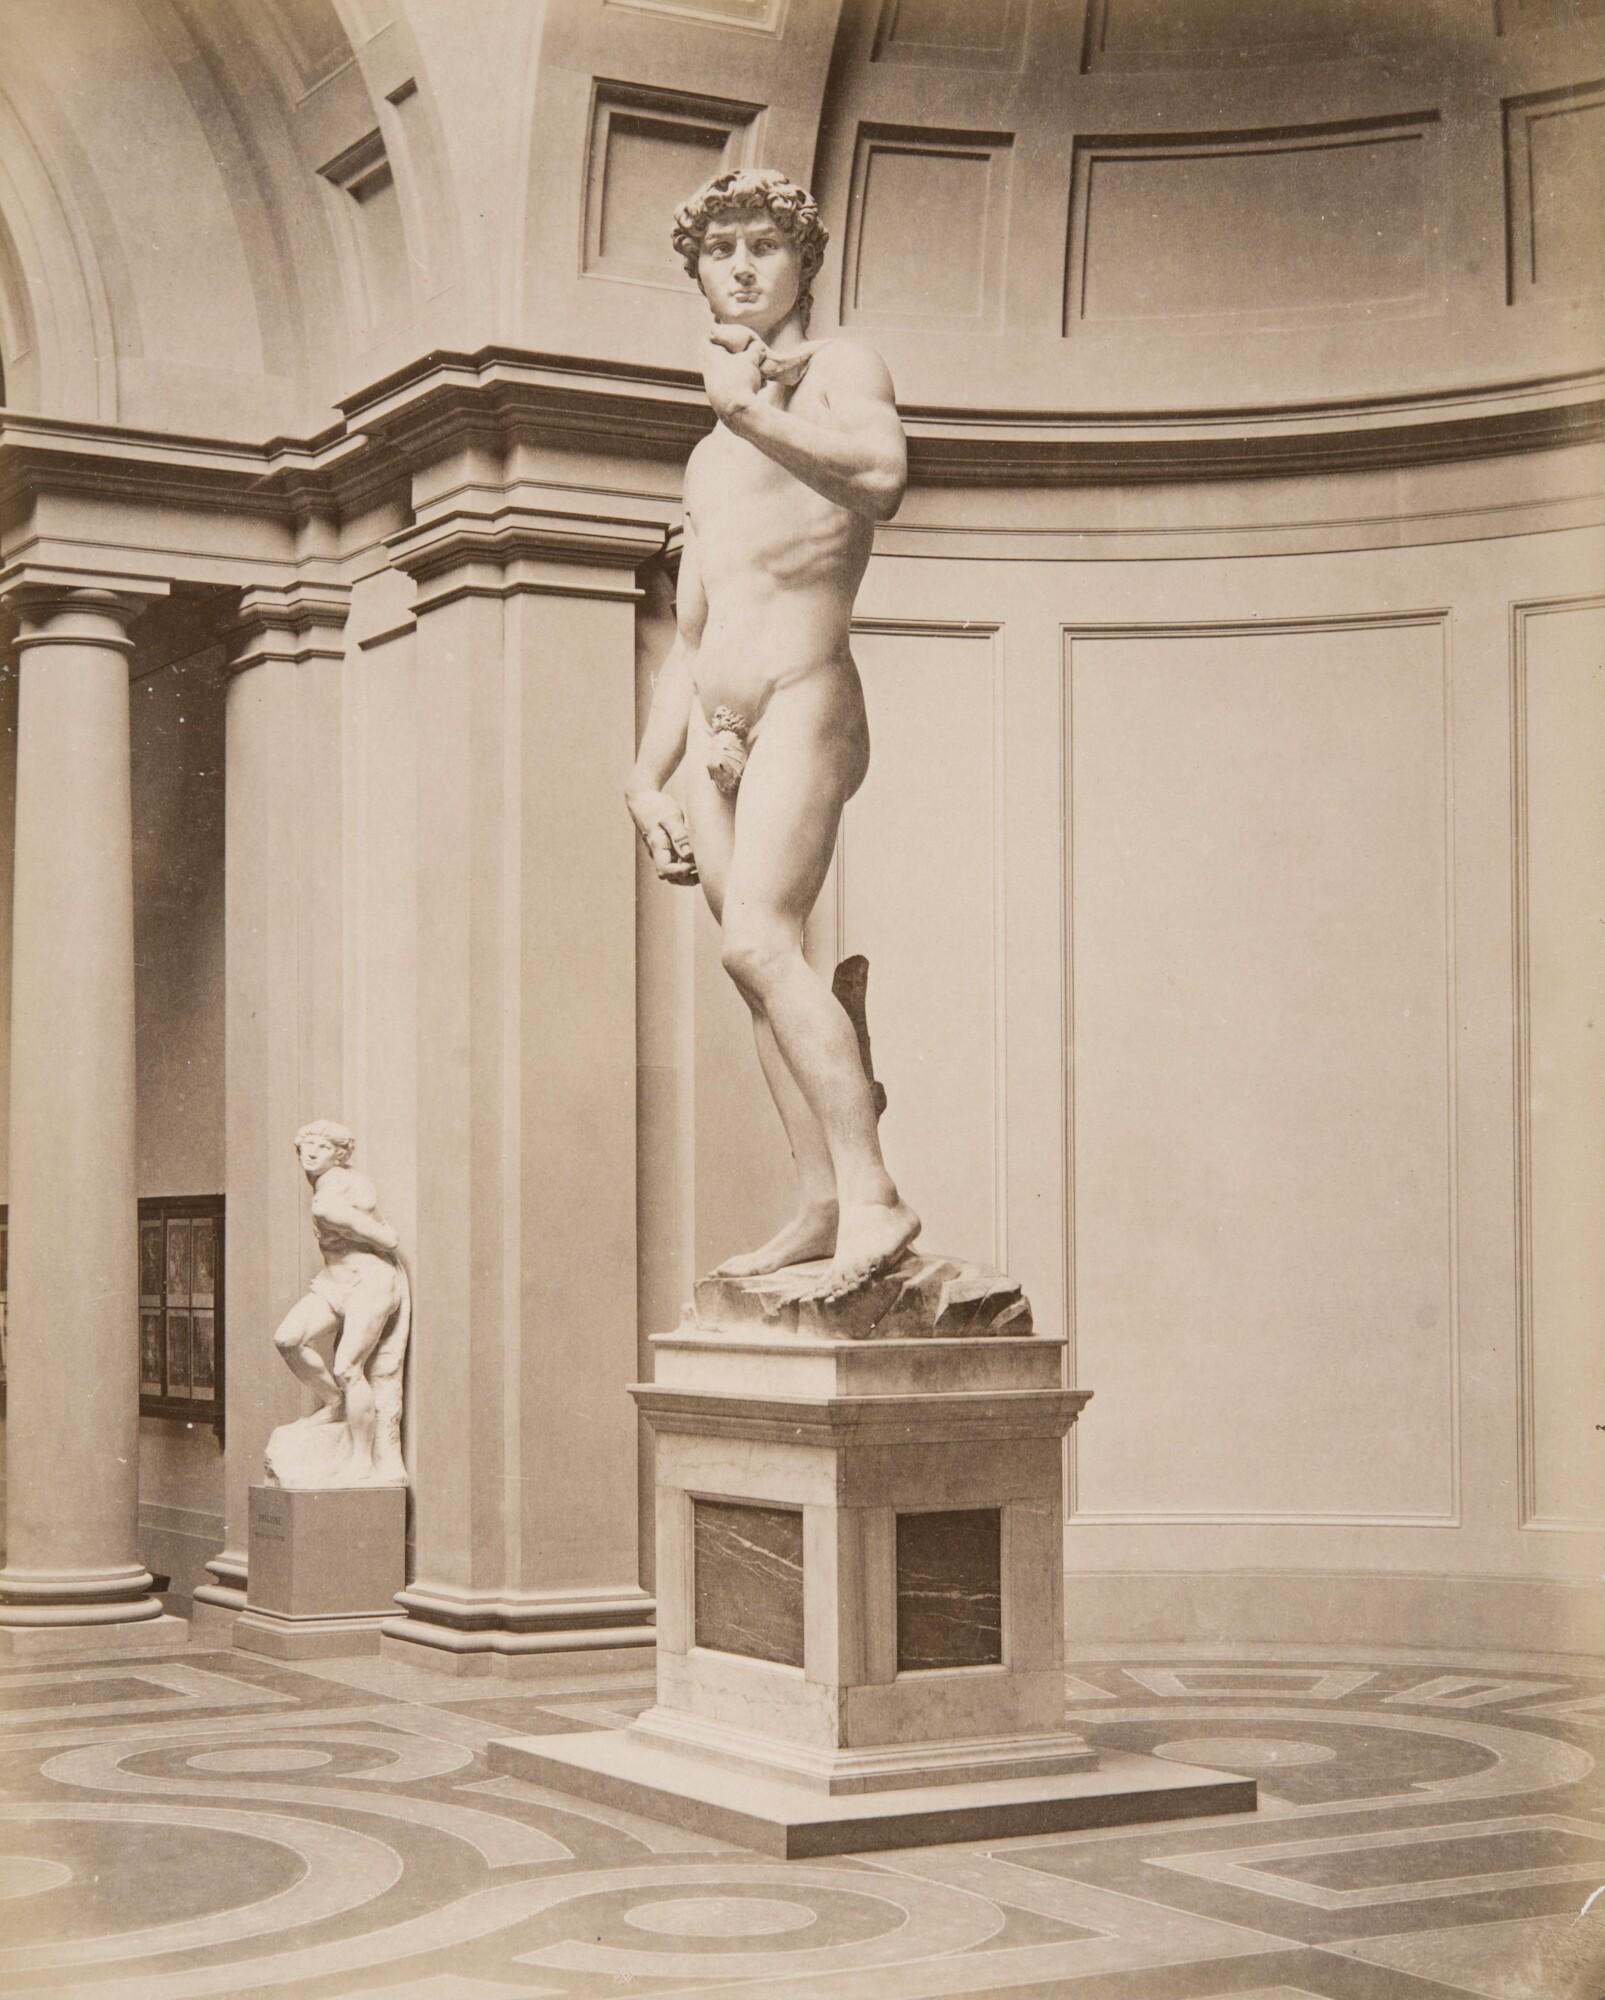 Алинари.    Микеланджело, статуя «Давид». Галереи Академии изящных искусств, 1860‑е   Альбуминовый отпечаток